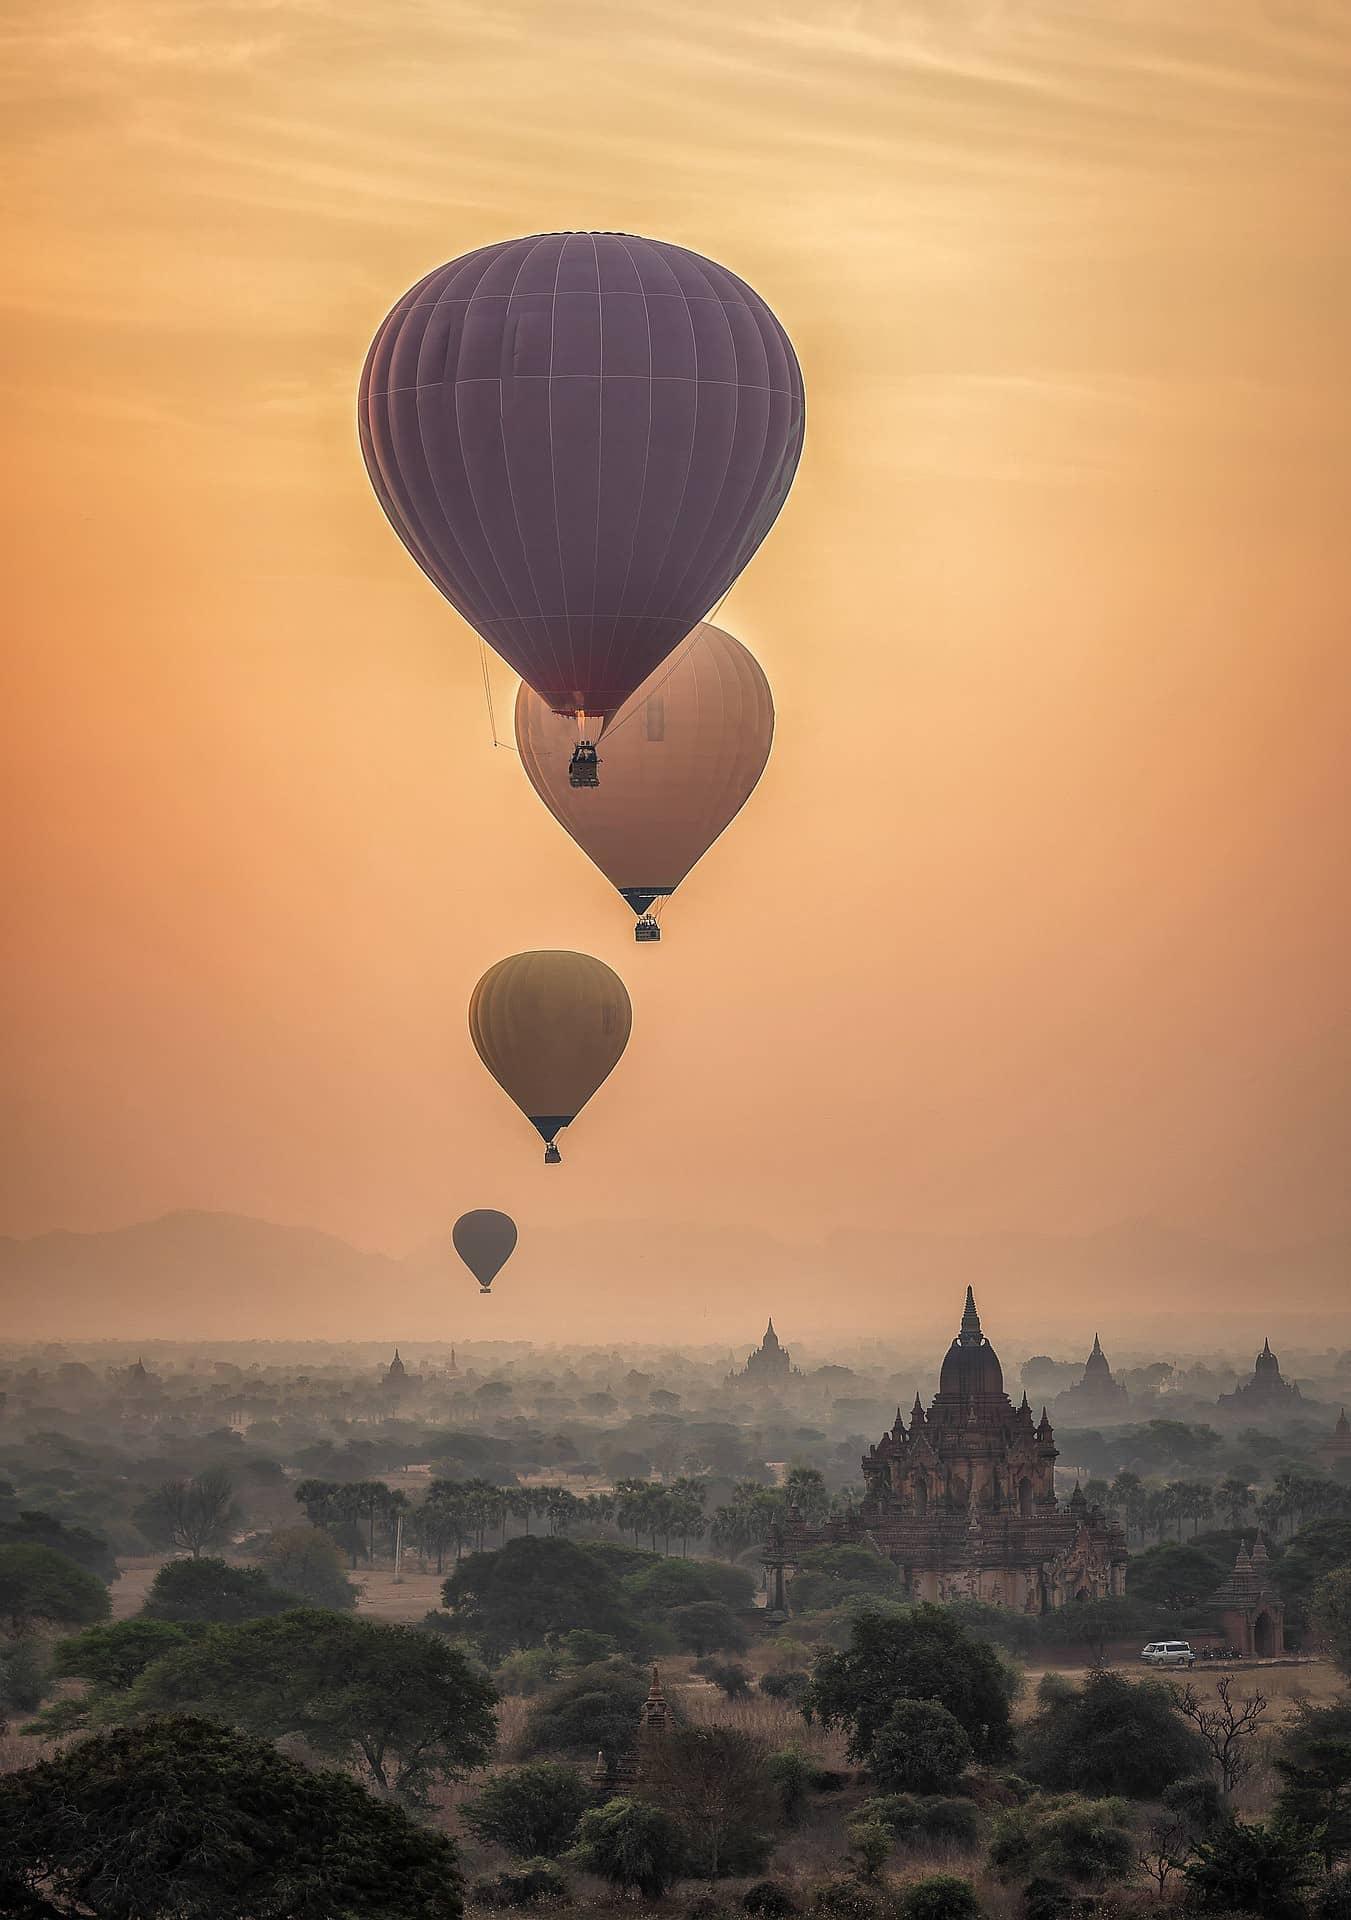 wisata balon udara myanmar